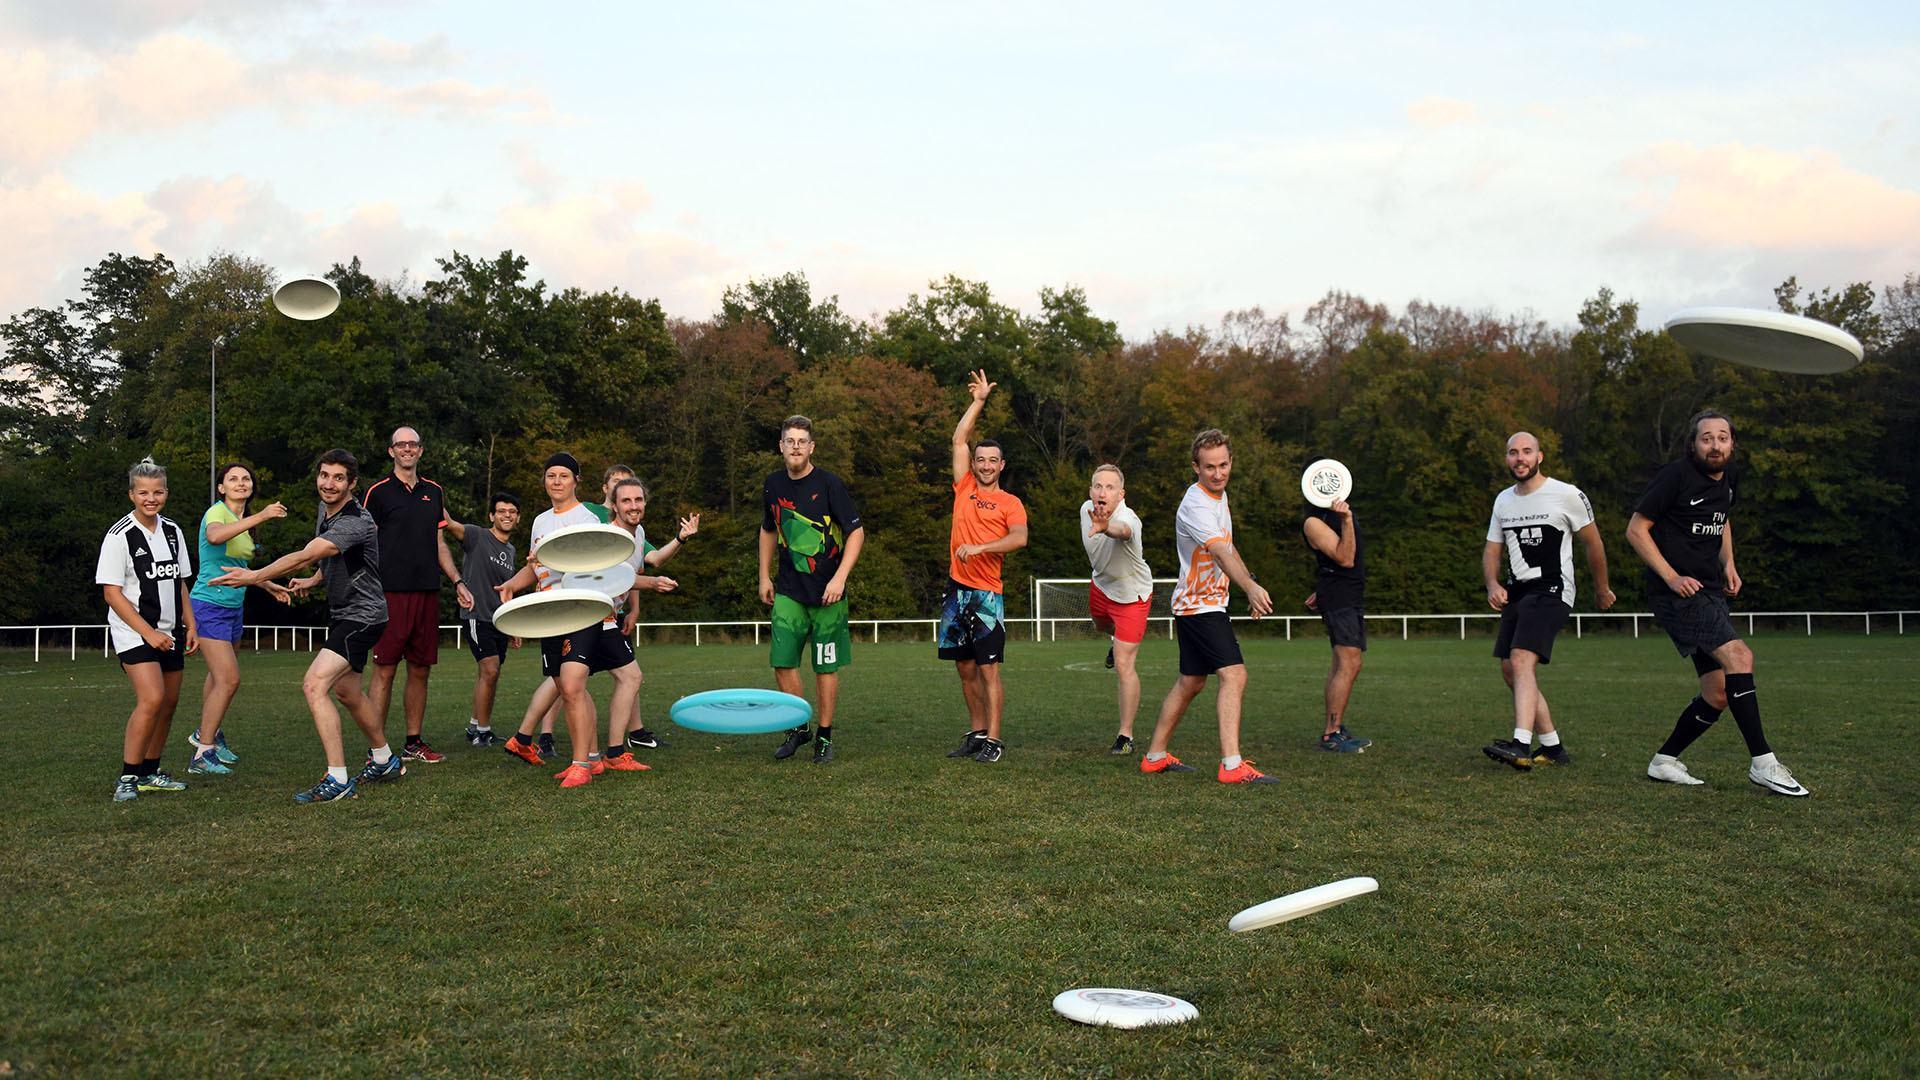 A Rixheim le premier club de frisbee du Haut-Rhin : 15 sportifs avec le sourire